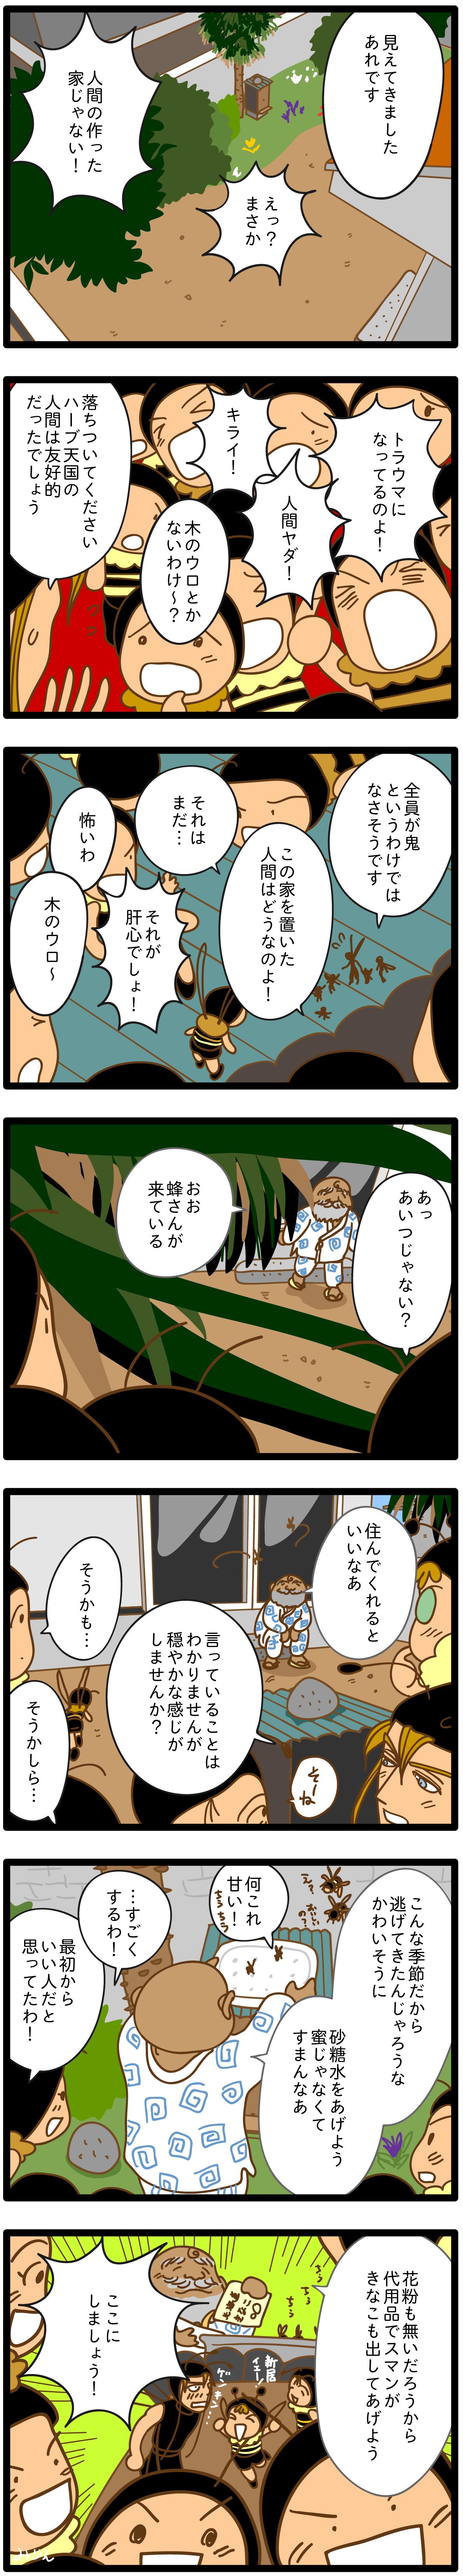 130. 晩秋の防衛戦(20)